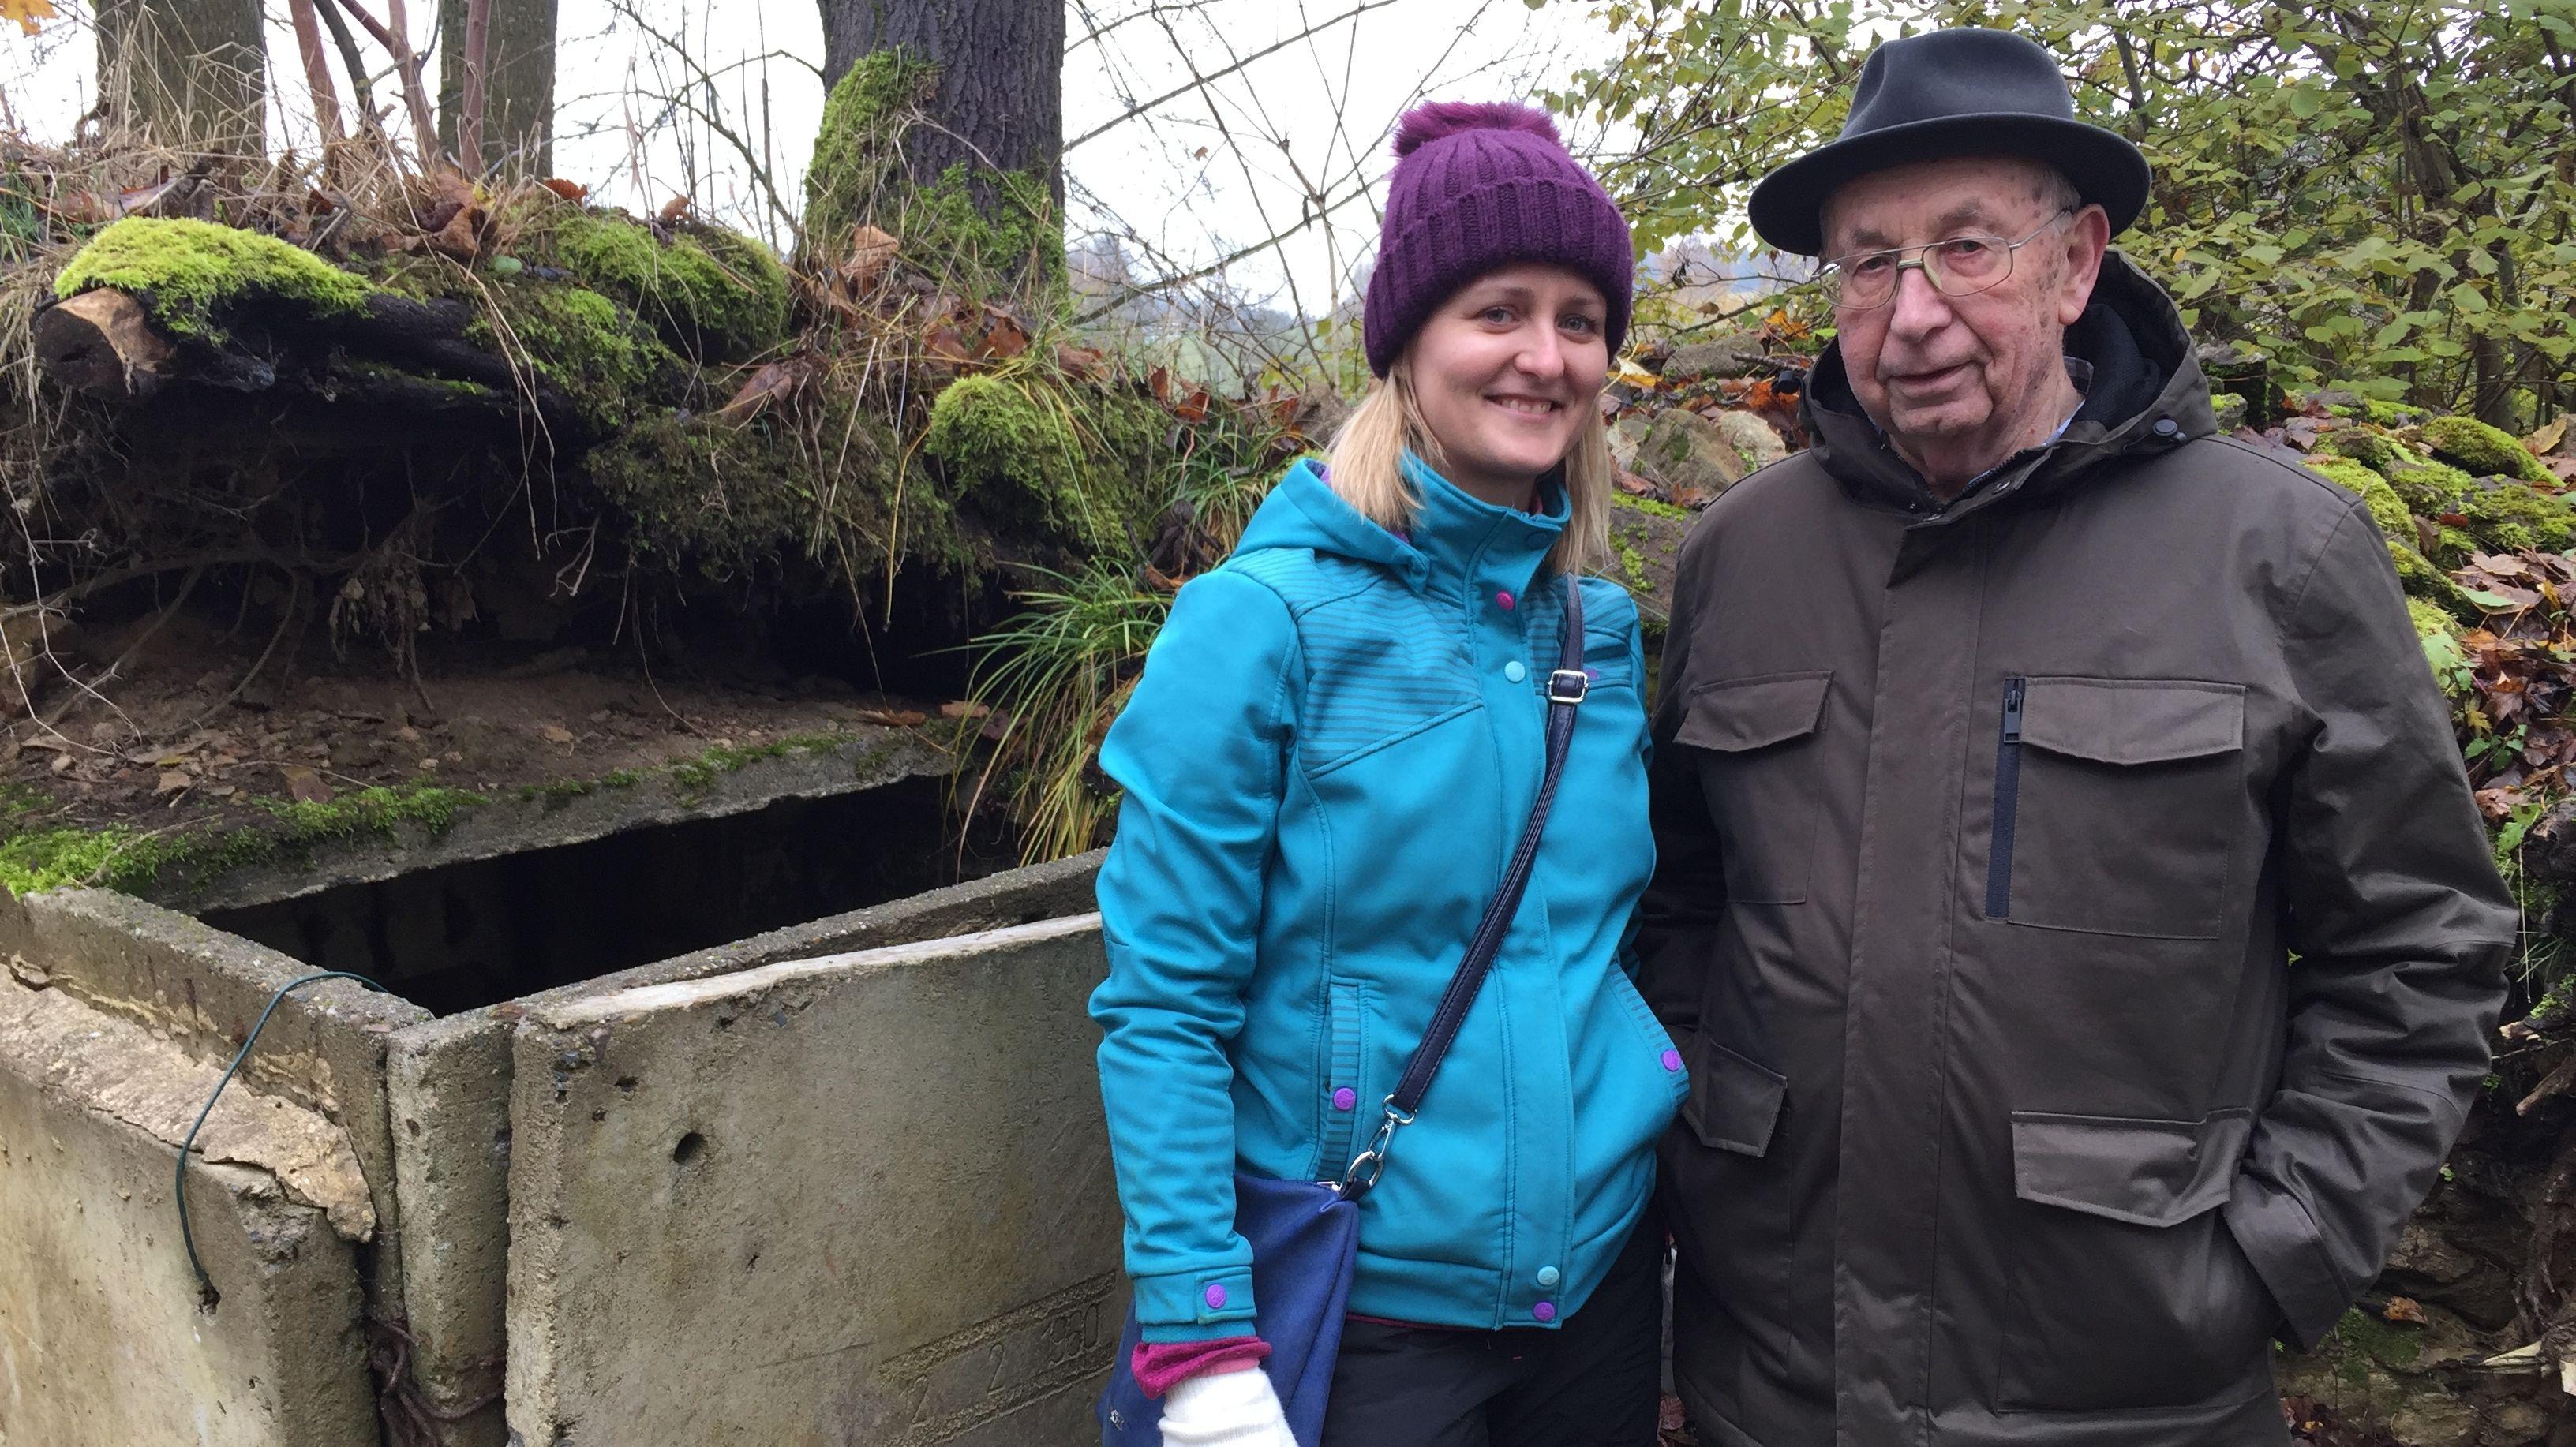 Projektleiterin Suzanna Langpaulova und der Heimatvertriebene Hans Laubmeier vor den Überresten eines Überwachungsbunkers.